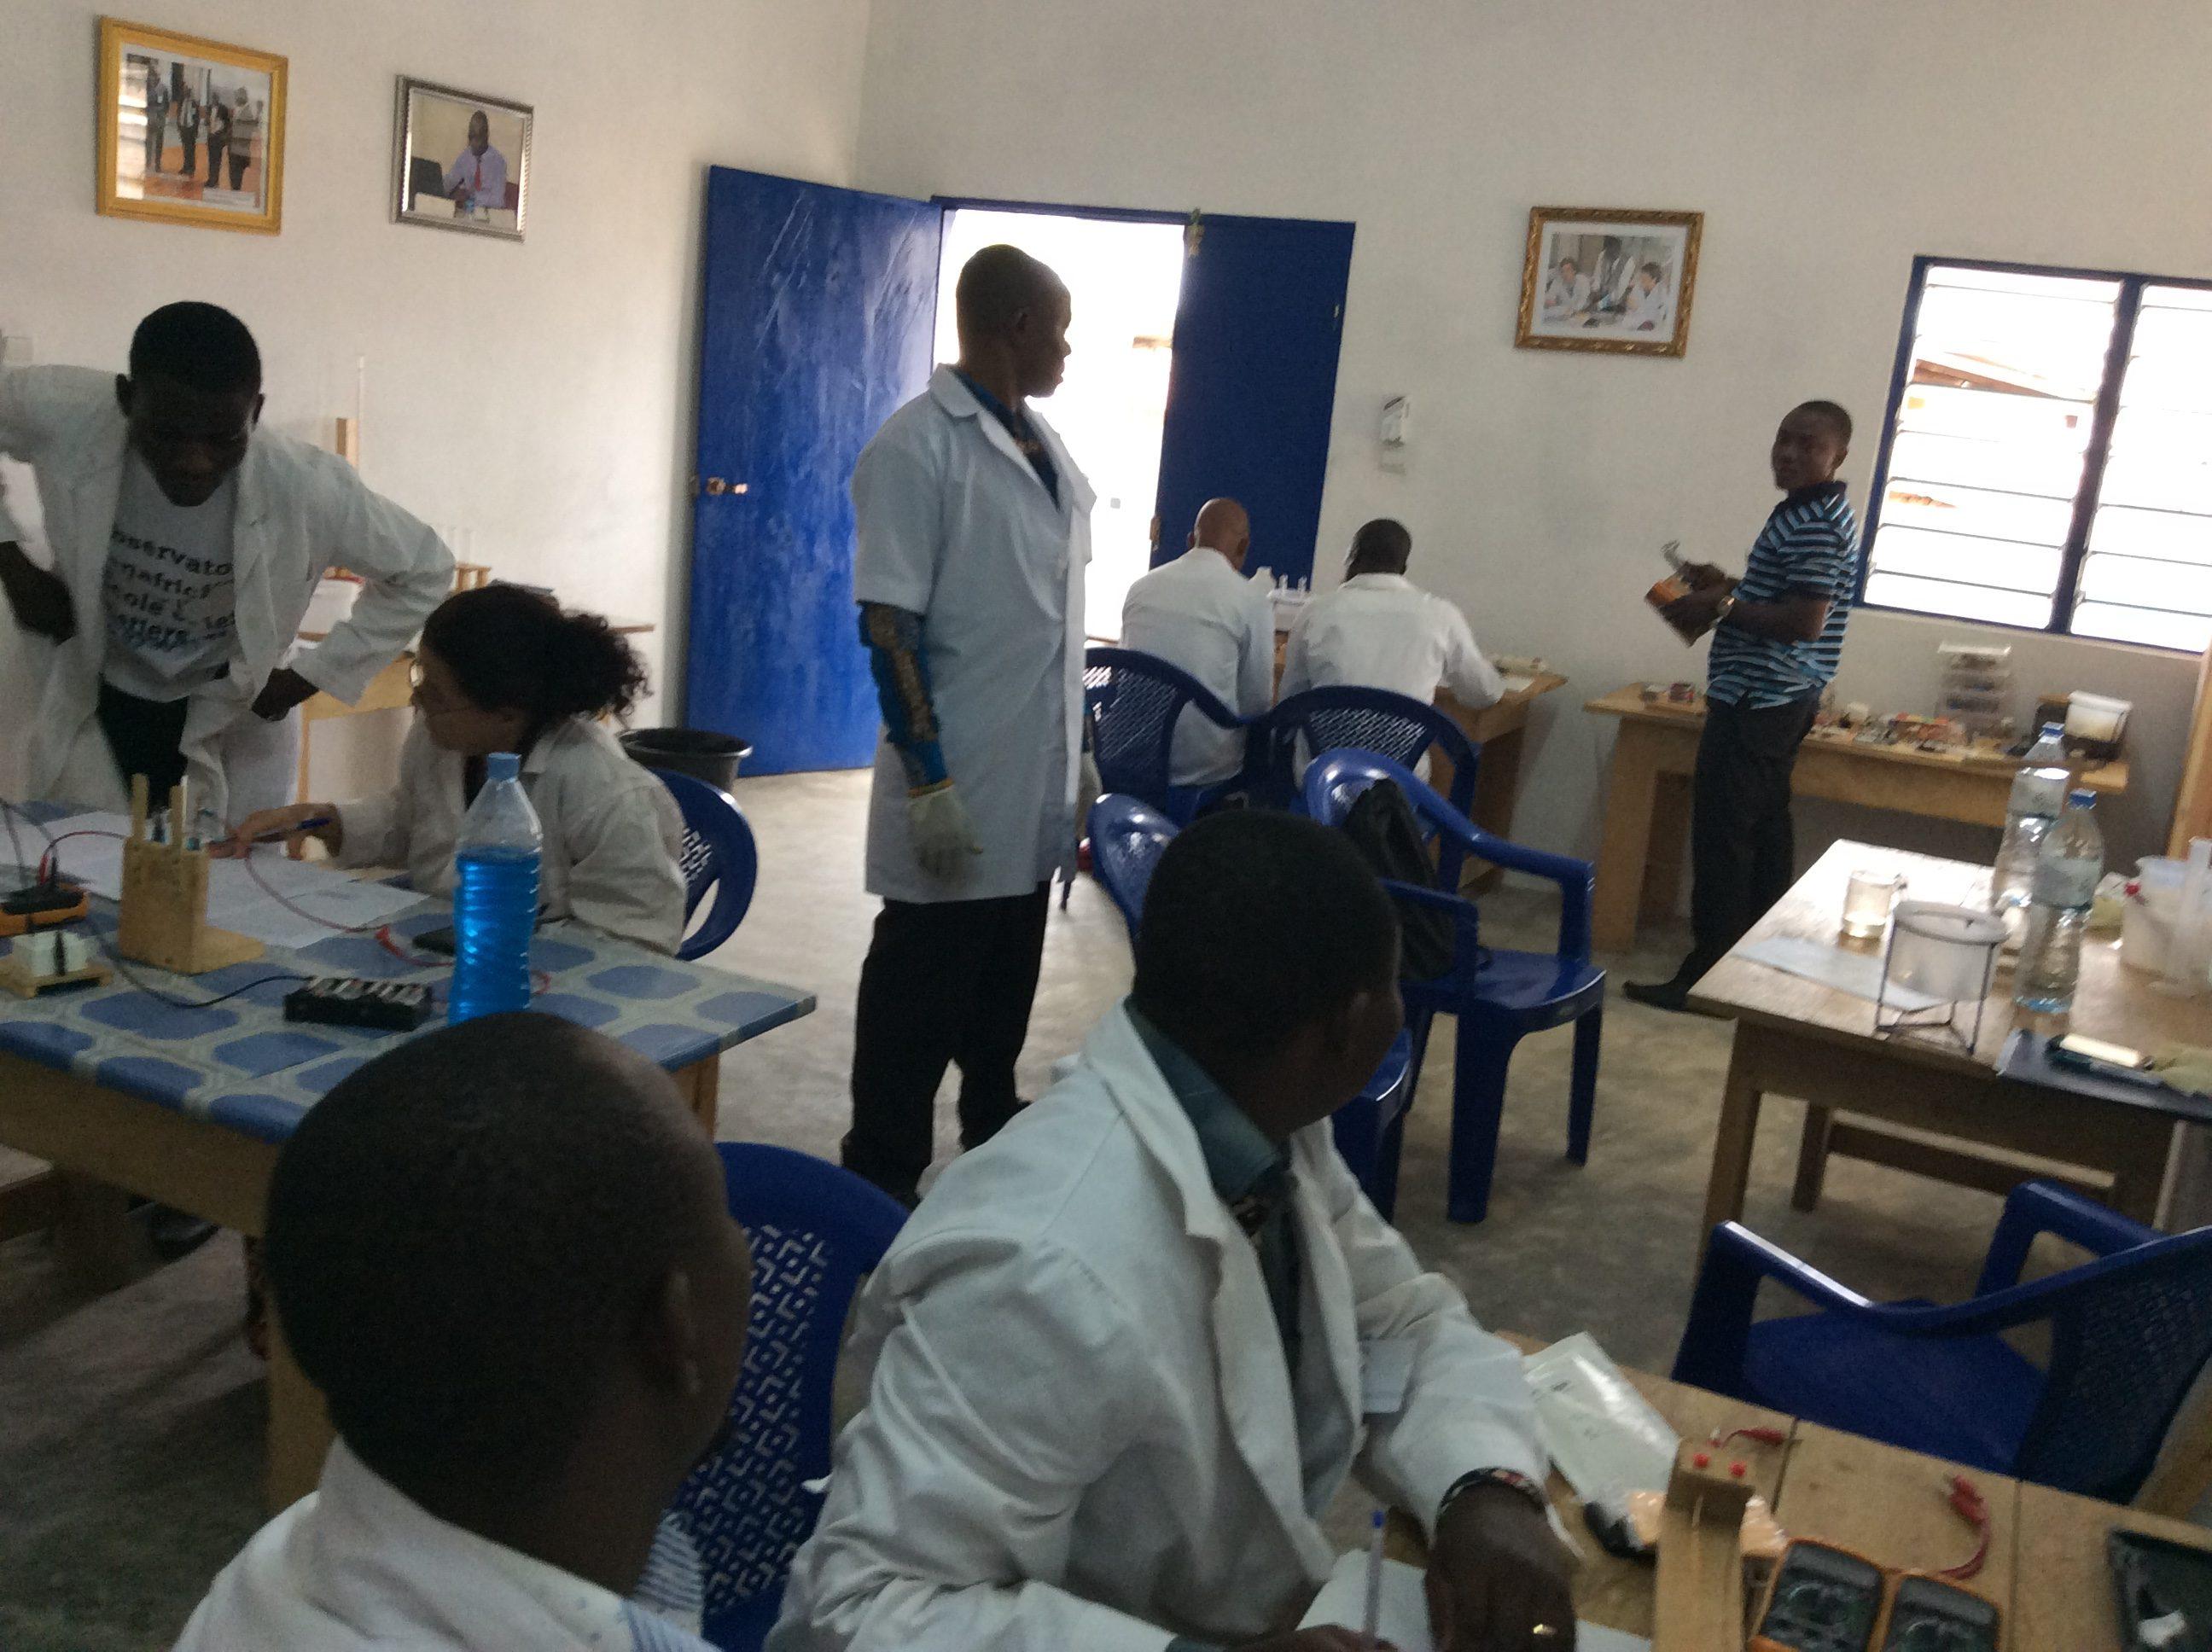 http://www.africadeveloppement.org/wp-content/uploads/2017/09/IMG_0729-e1504640102259.jpg